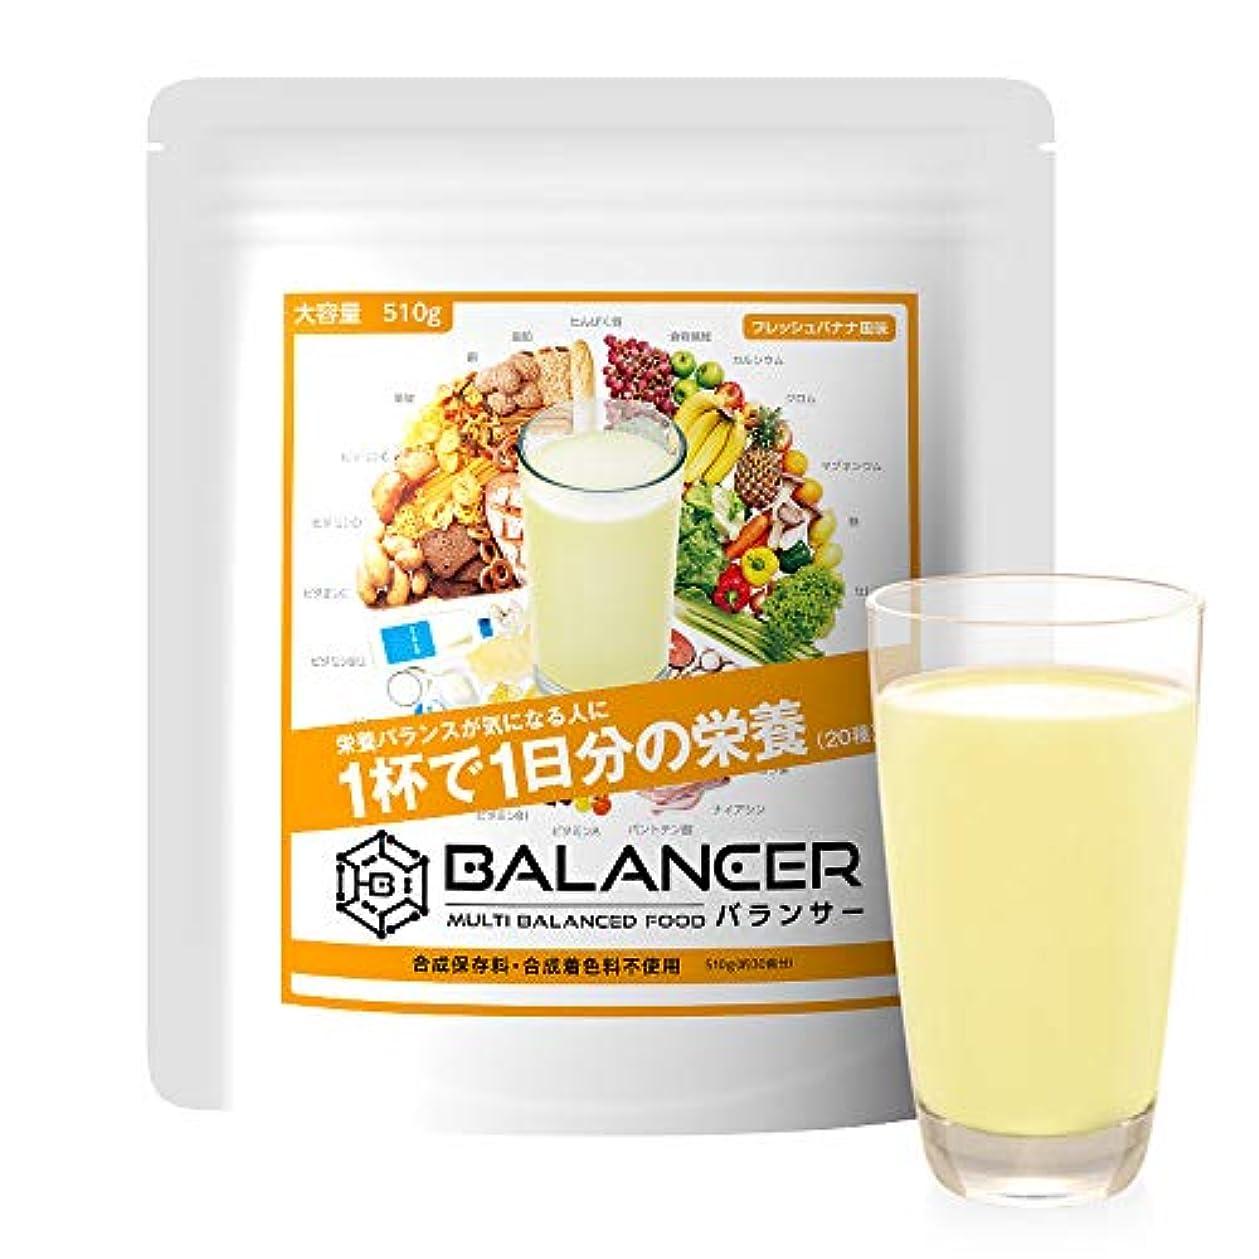 手綱シルエット郊外バランサー30D(大容量) 低糖質 高たんぱく 1杯で1日分20種類の栄養素が摂れる マルチバランス栄養食 フレッシュバナナ風味 大容量510g